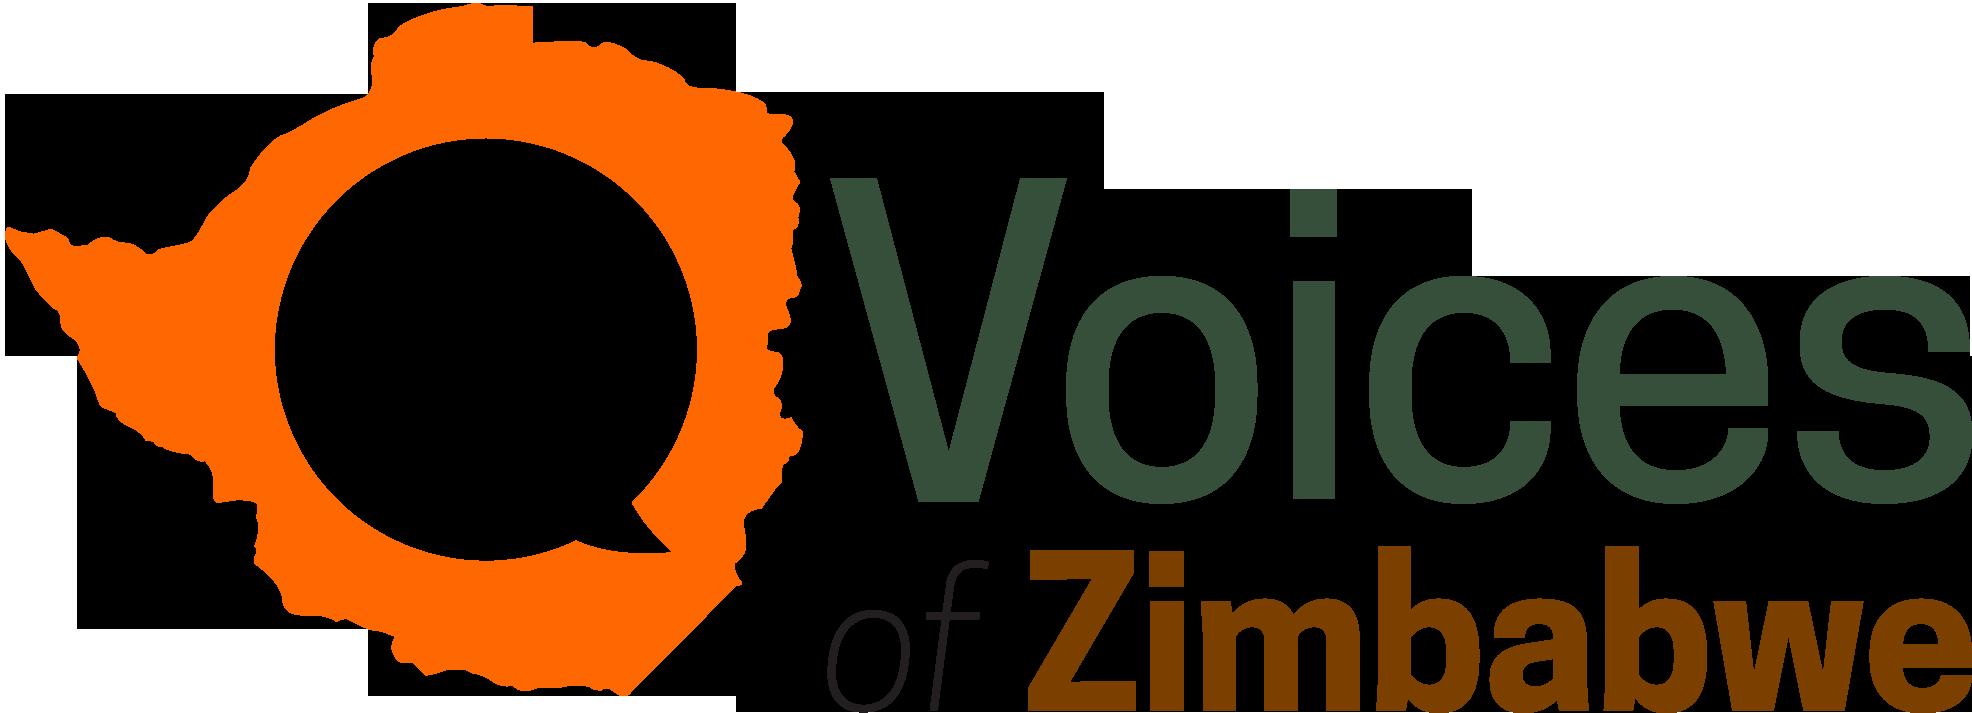 voicesofzimbabwe.net